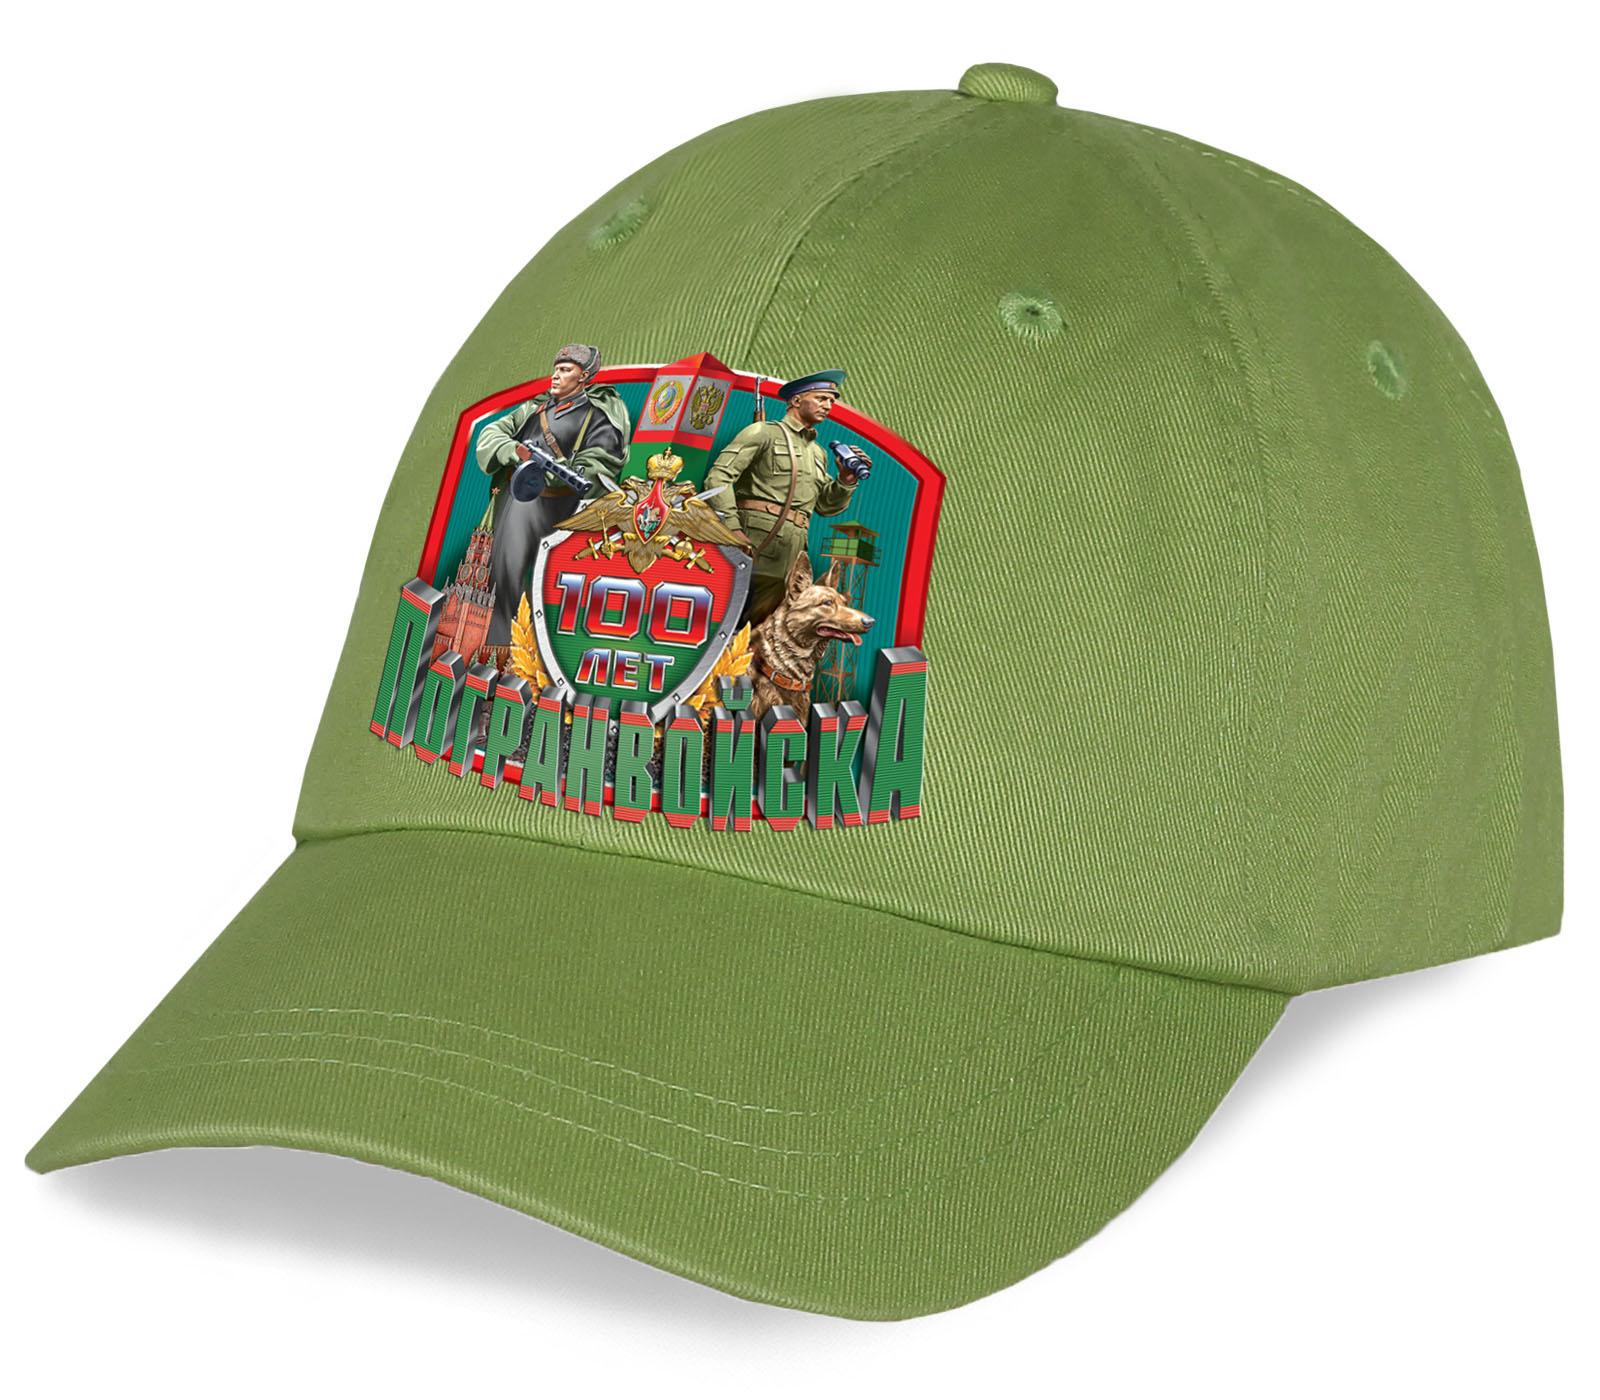 САМЫЕ ГОРЯЧИЕ ПОДАРКИ для пограничников! Зеленая бейсболка с тематическим фото принтом. НЕ раздражай погранца дешевыми сувенирами!